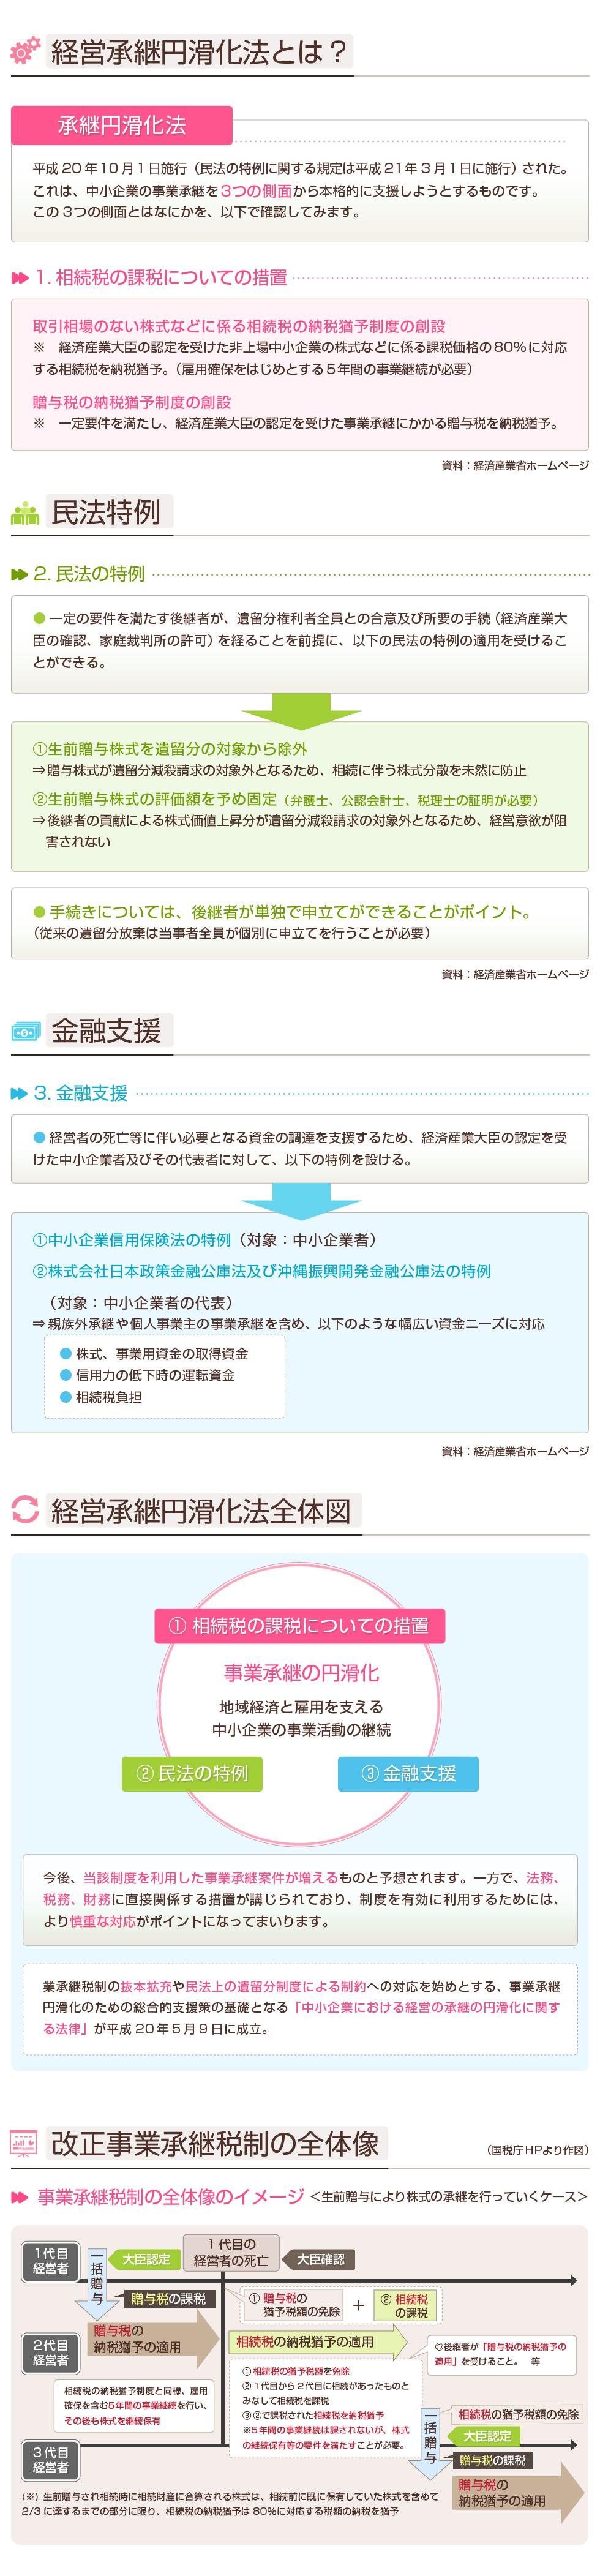 【修正】下層ページ・事業承継-06